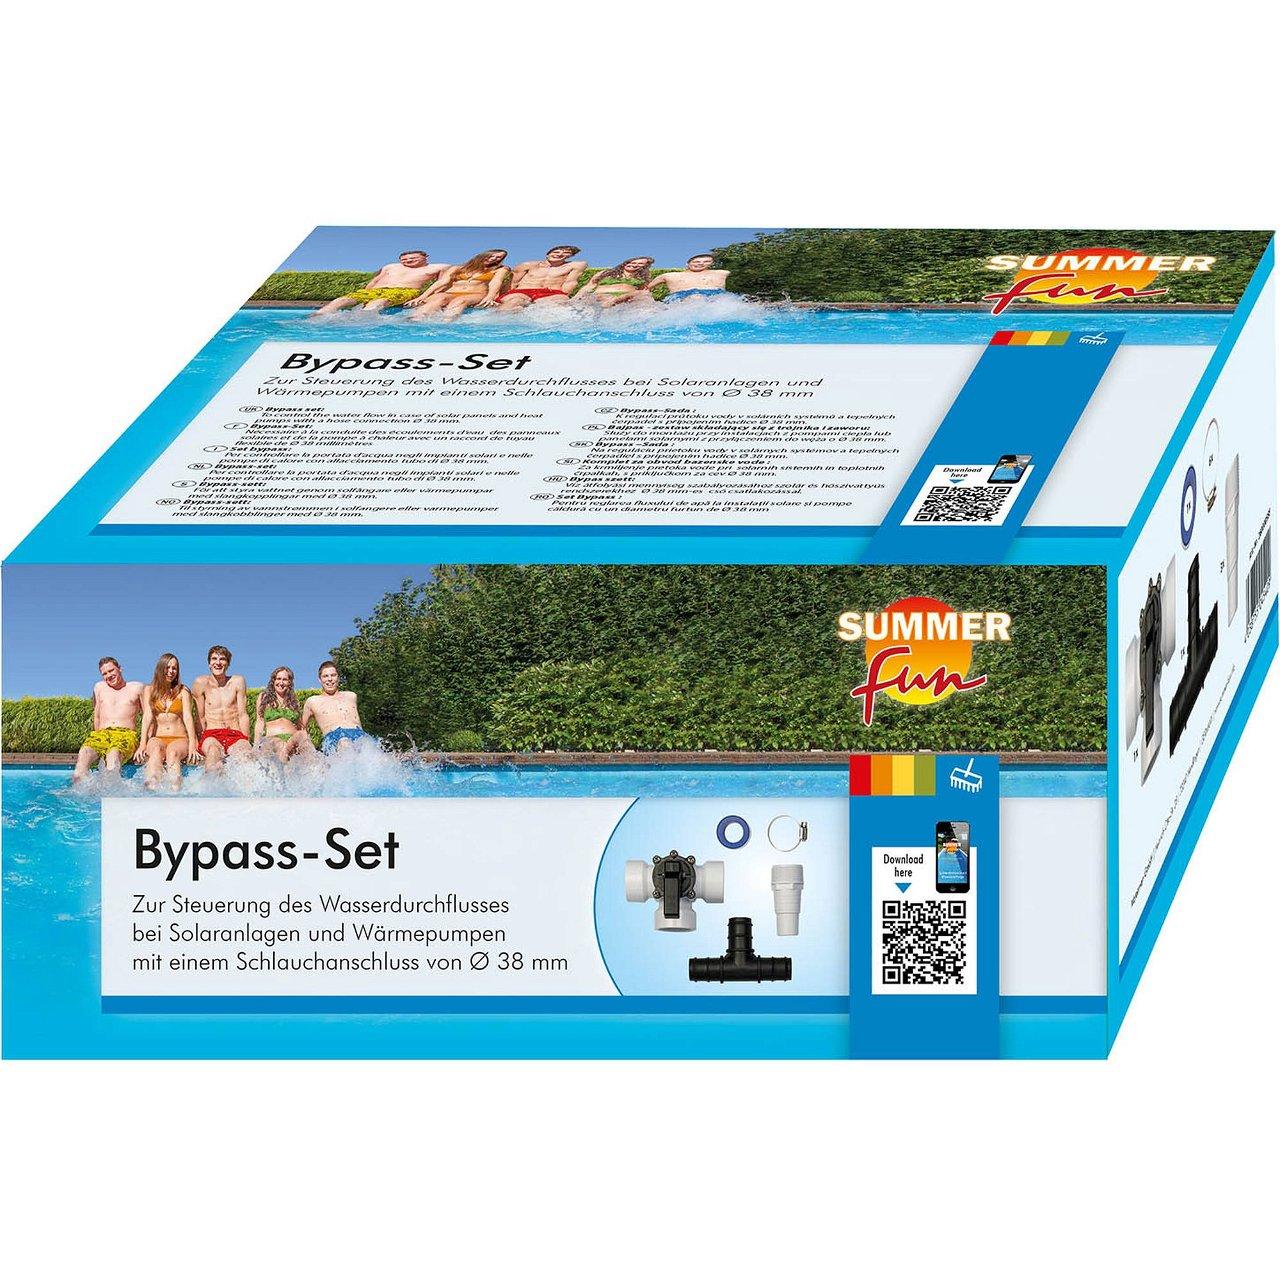 Bypass-Set für Solarmatten oder Wärmepumpen